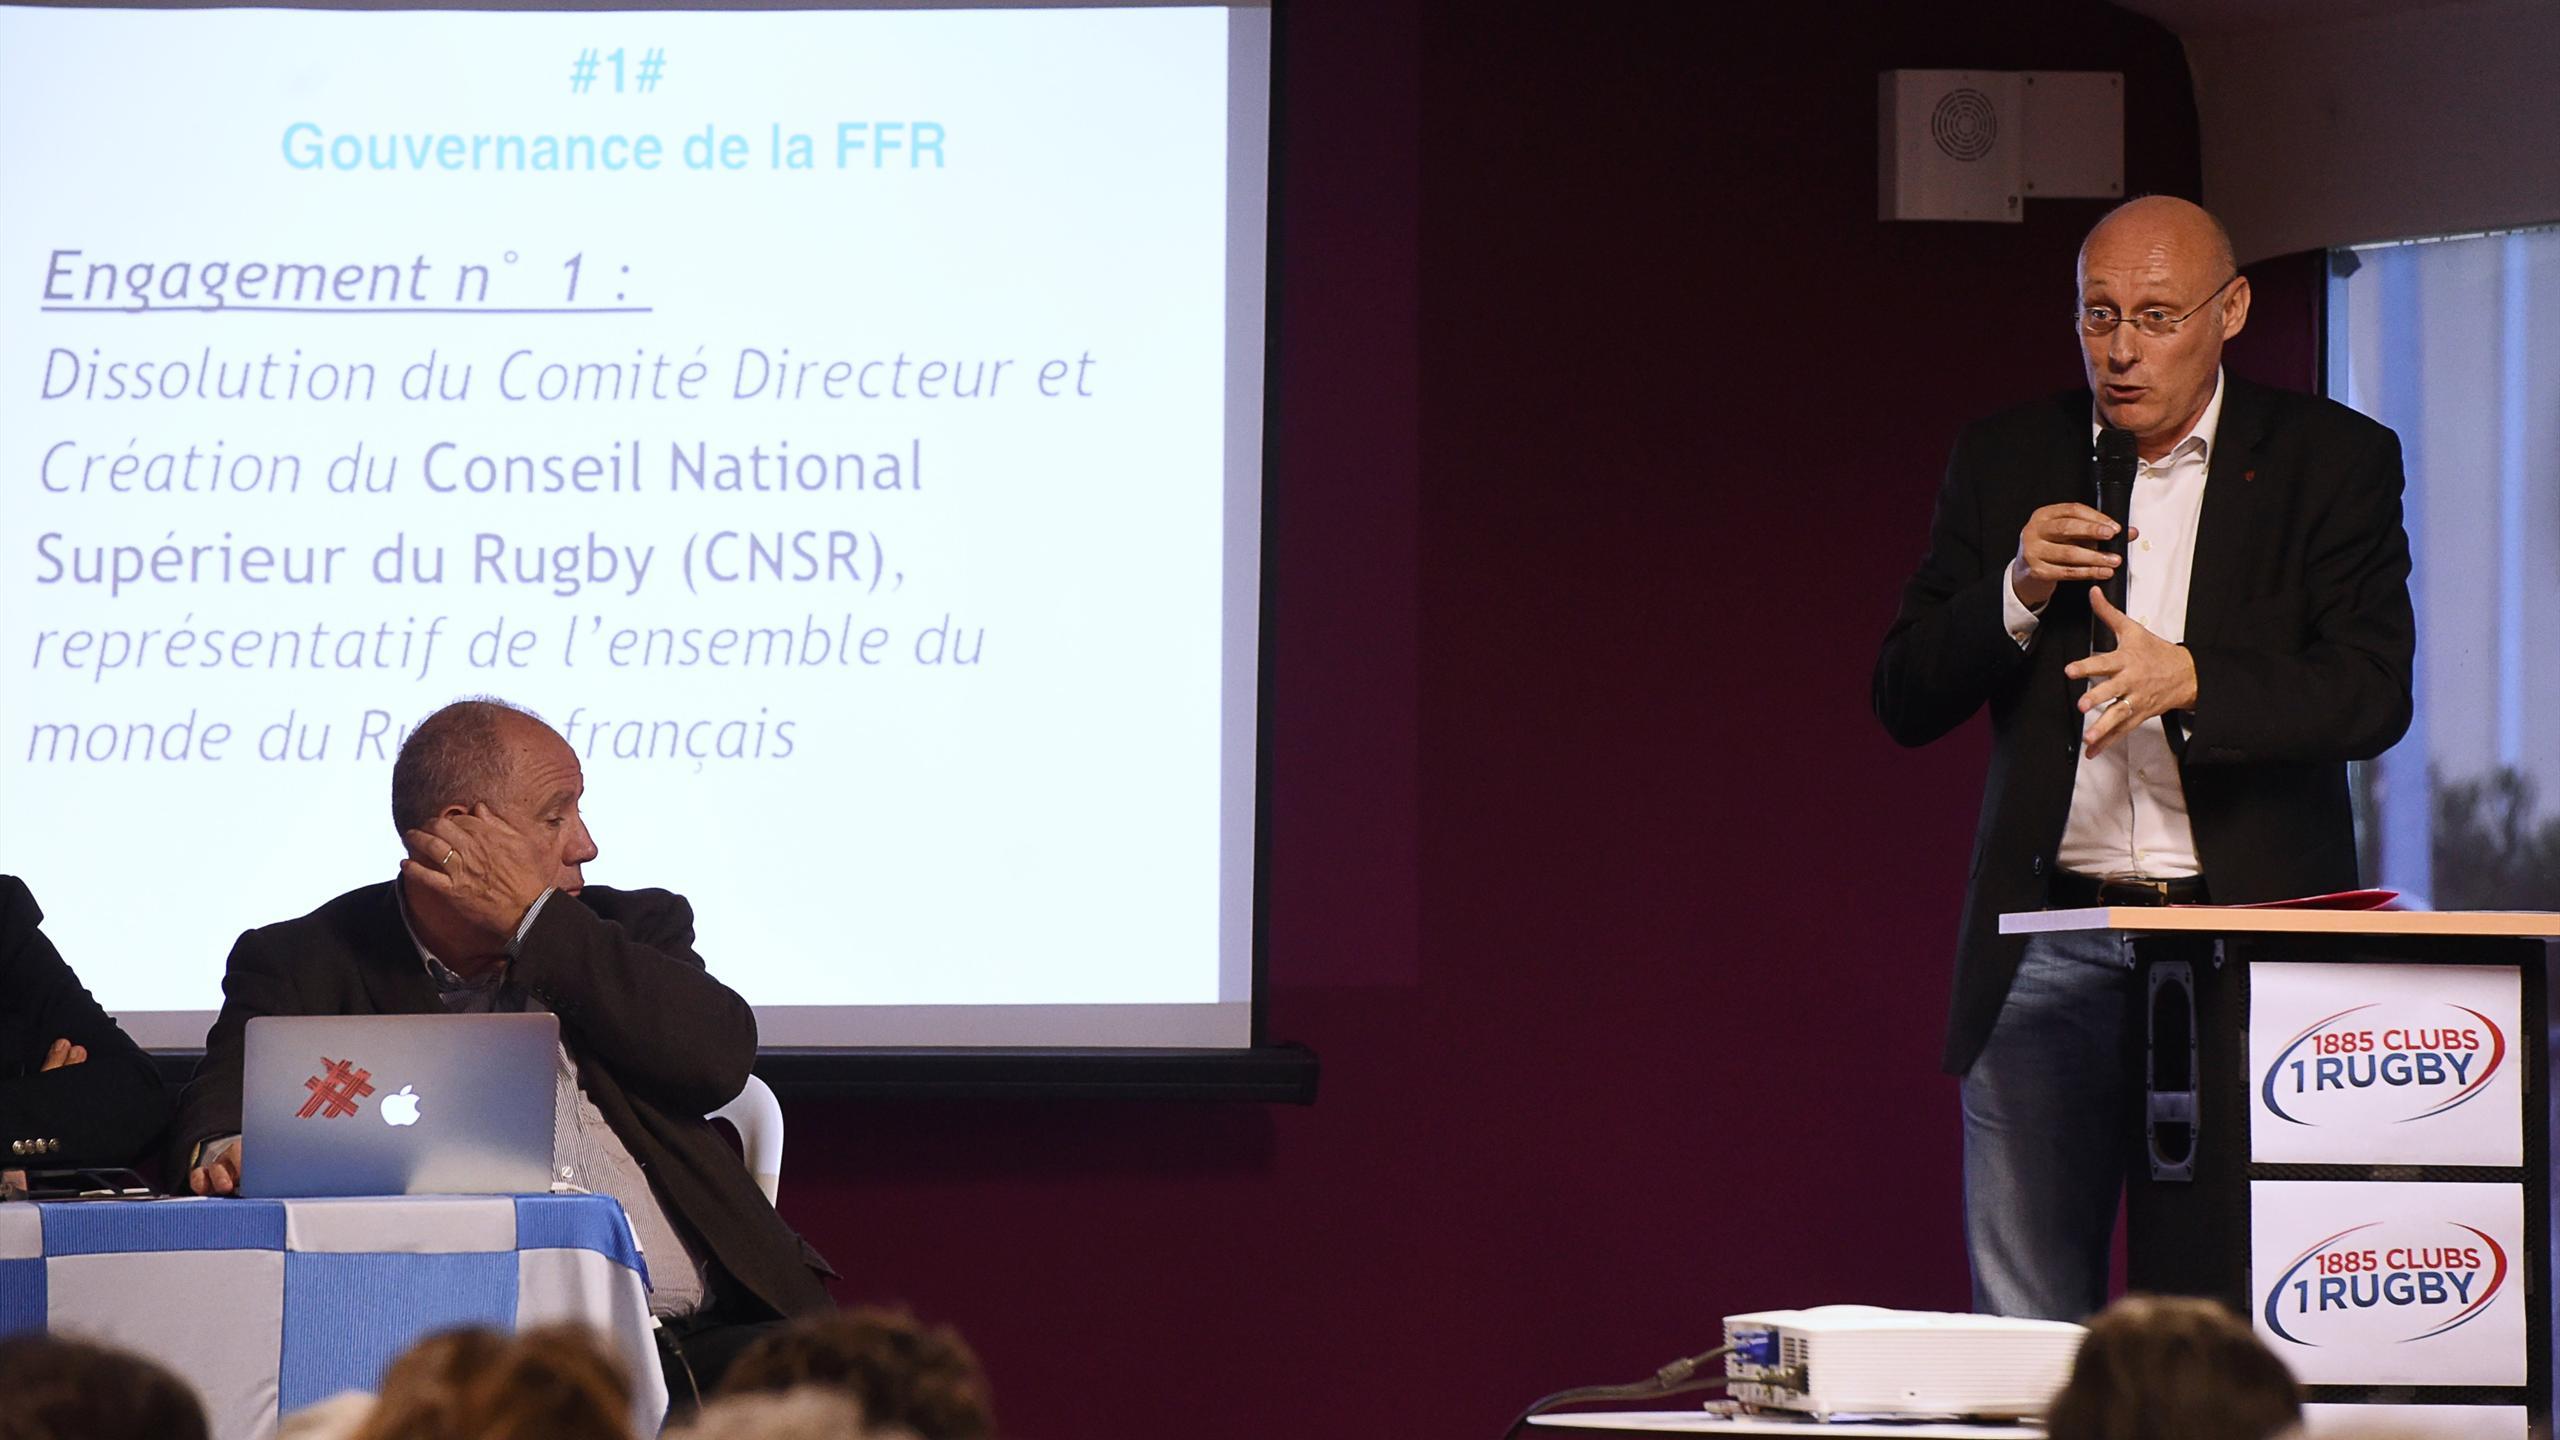 Bernard Laporte a présenté son projet s'il est élu à la tête de la FFR - 14 avril 2016